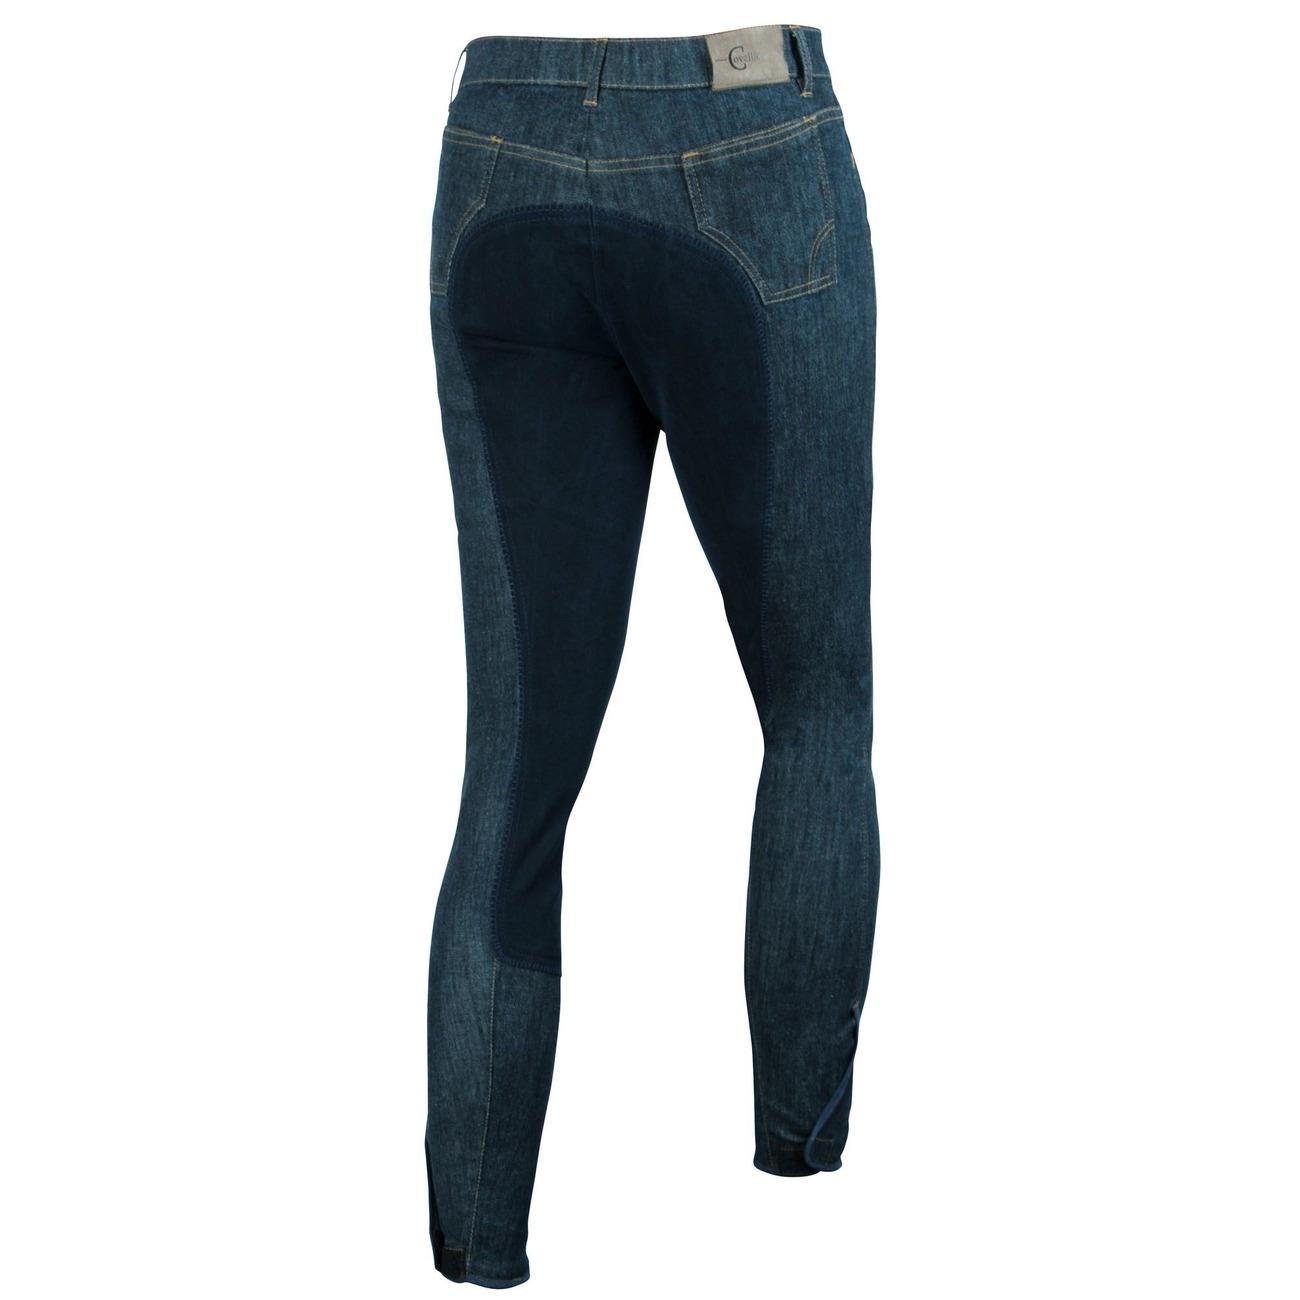 Covalliero Jeans Reithose Denim für Herren, Bild 4